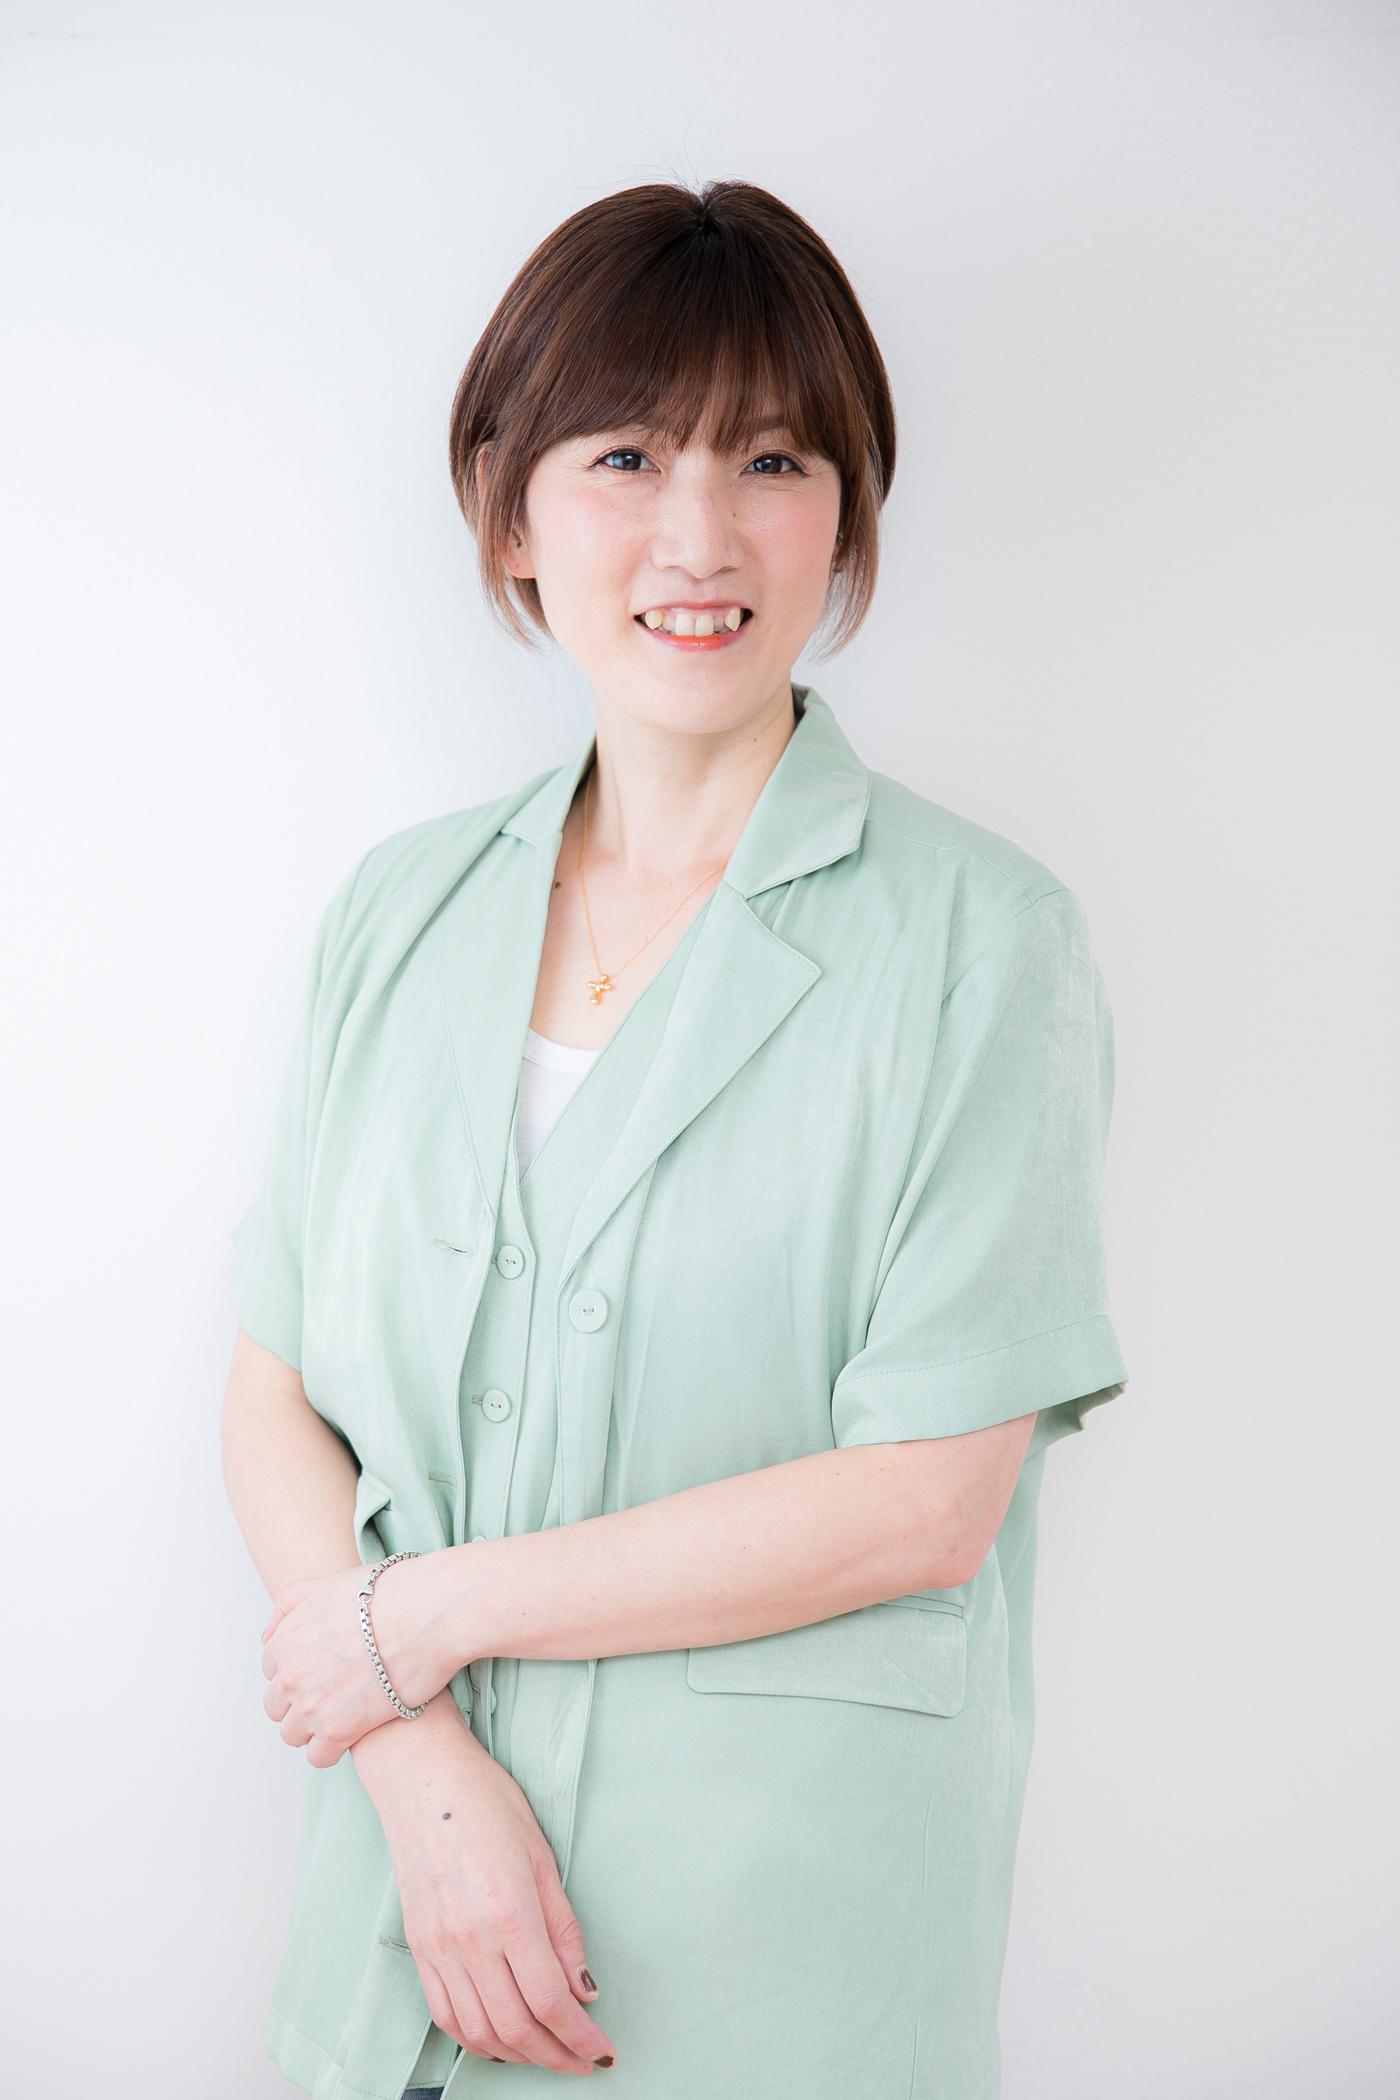 竹村 春香 Takemura Haruka